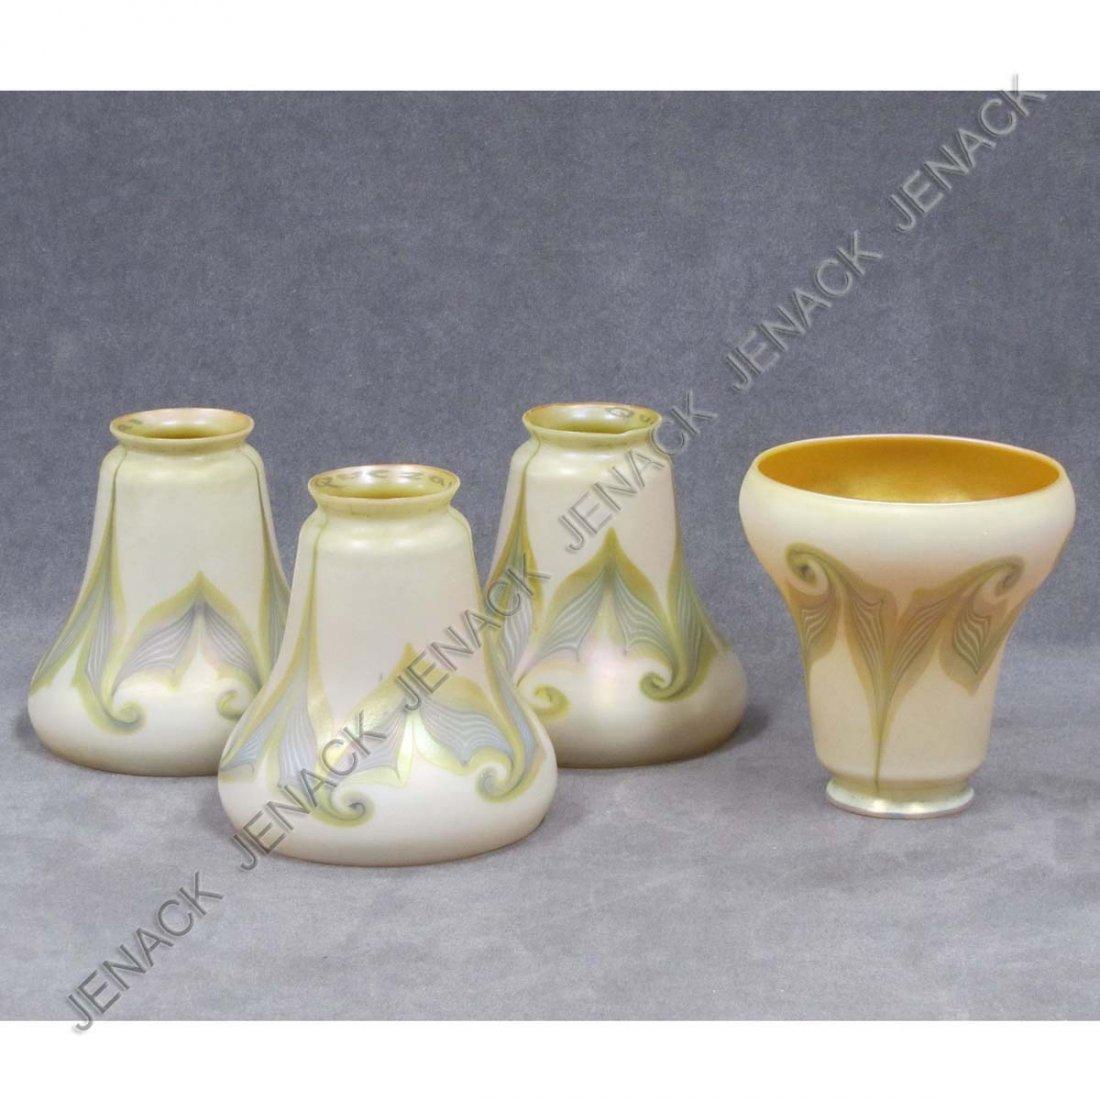 5: SET (4) QUEZEL BELL SHAPE ART GLASS SHADES, SIGNED